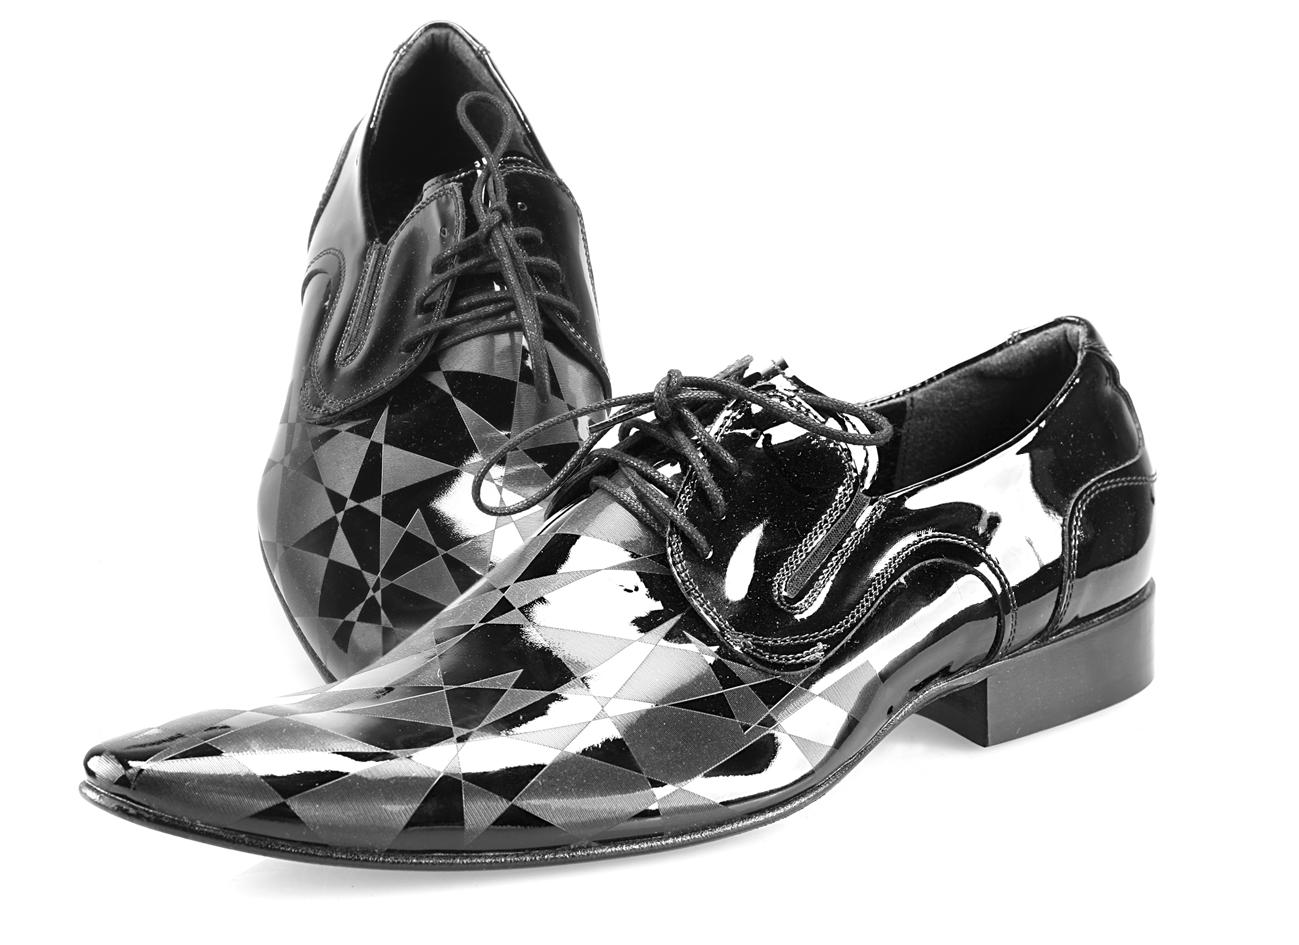 65ae3e6923 TOPOBUV - Pánska spoločenská obuv 144 01 vernice laser